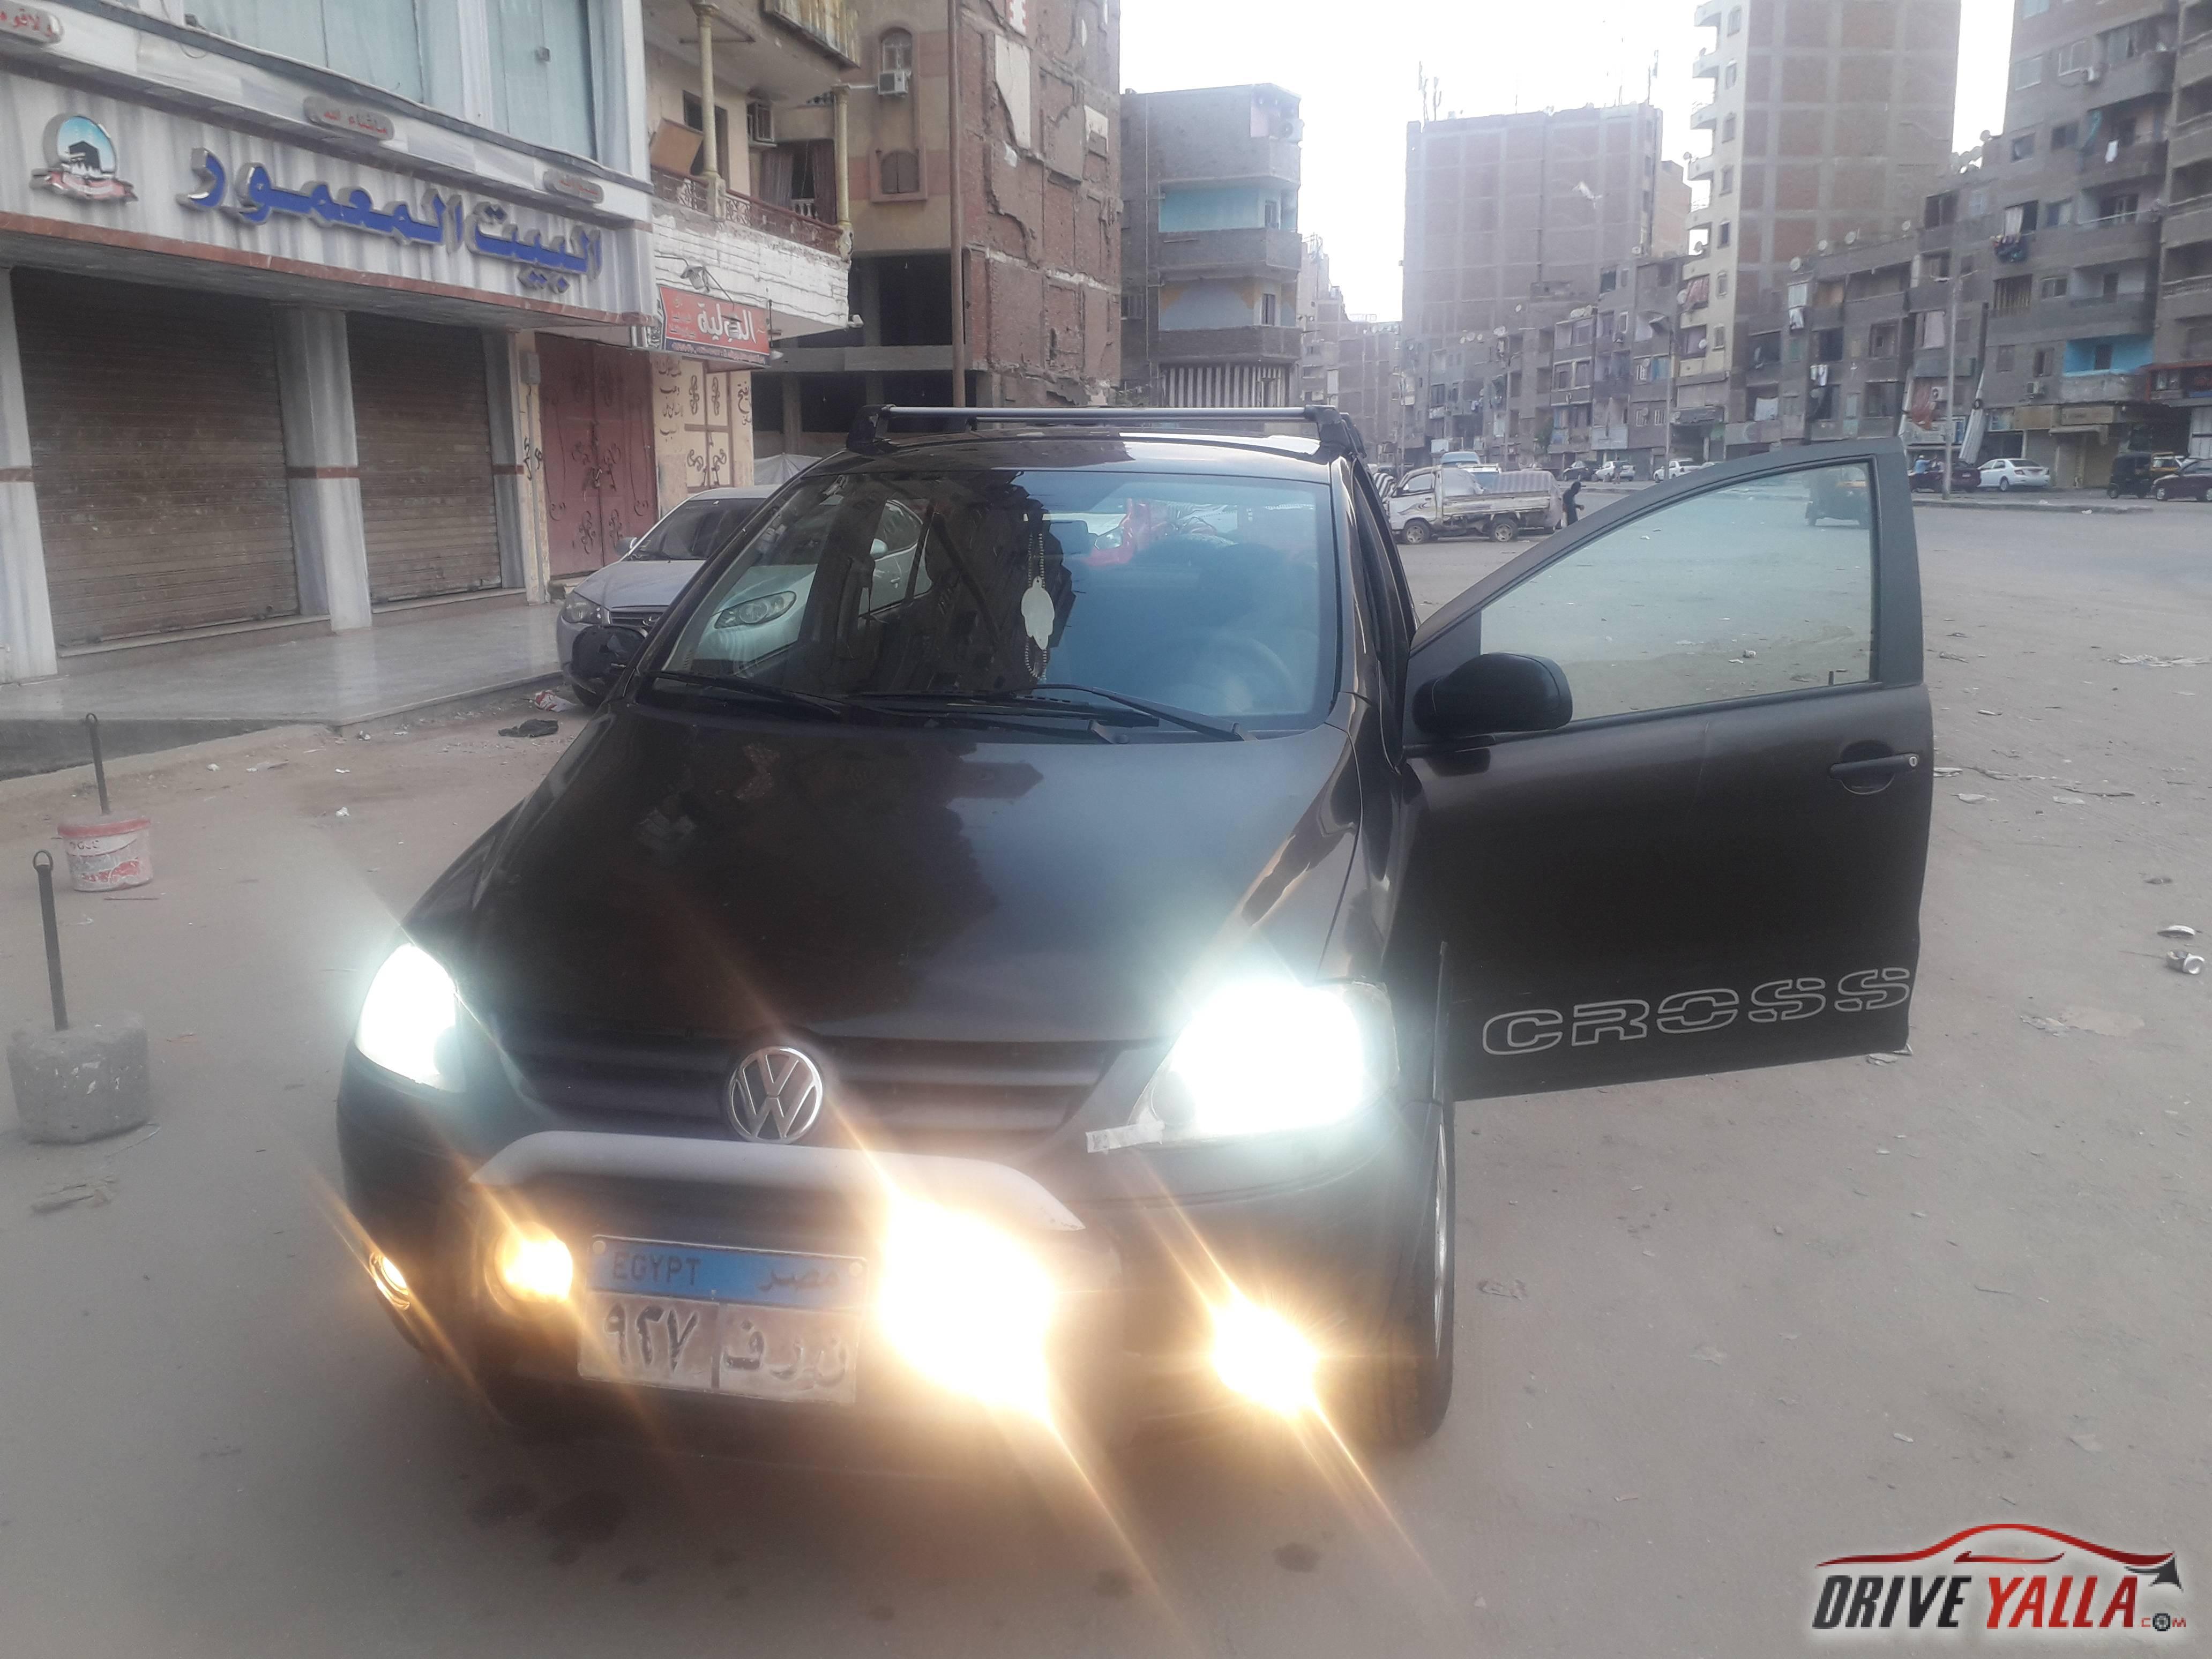 فولكس كروس فوكس مستعملة للبيع فى مصر   ٢٠٠٦